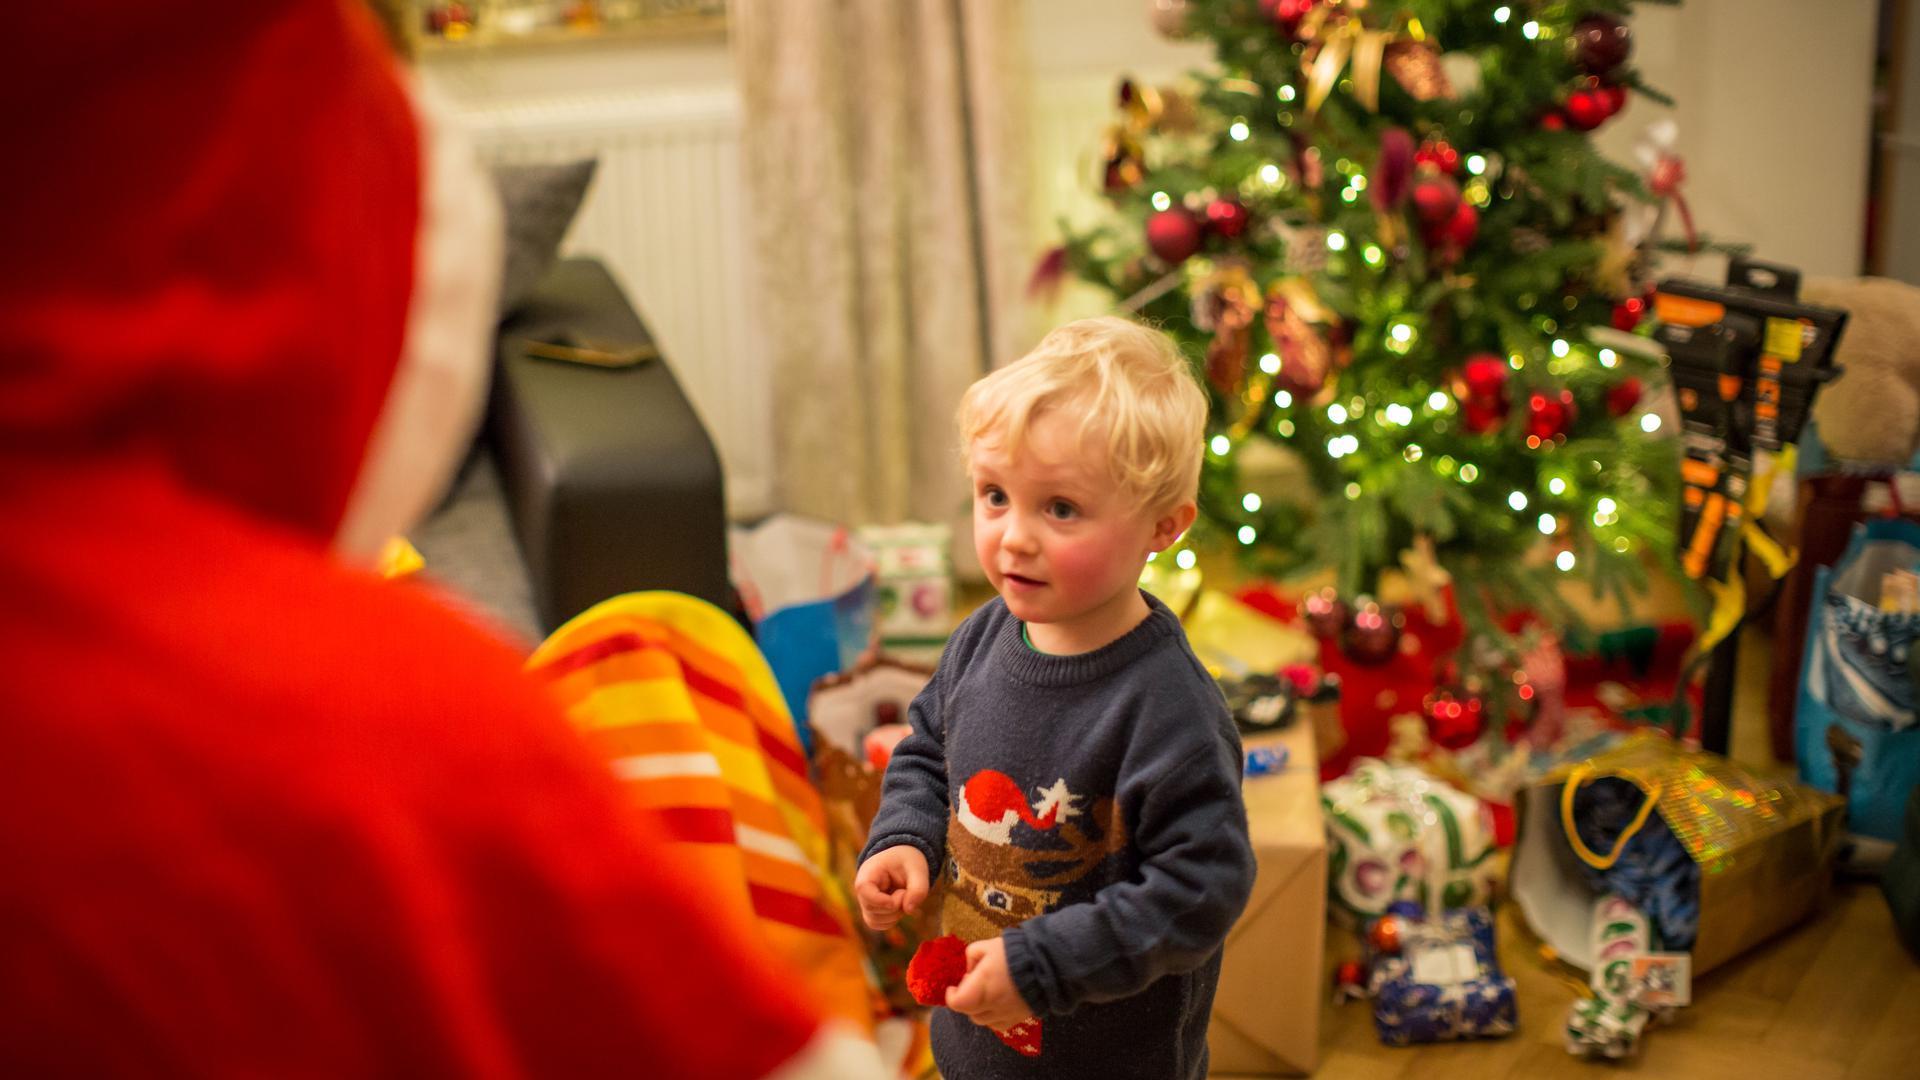 Kleiner Junge schaut den Weihnachtsmann unsicher an